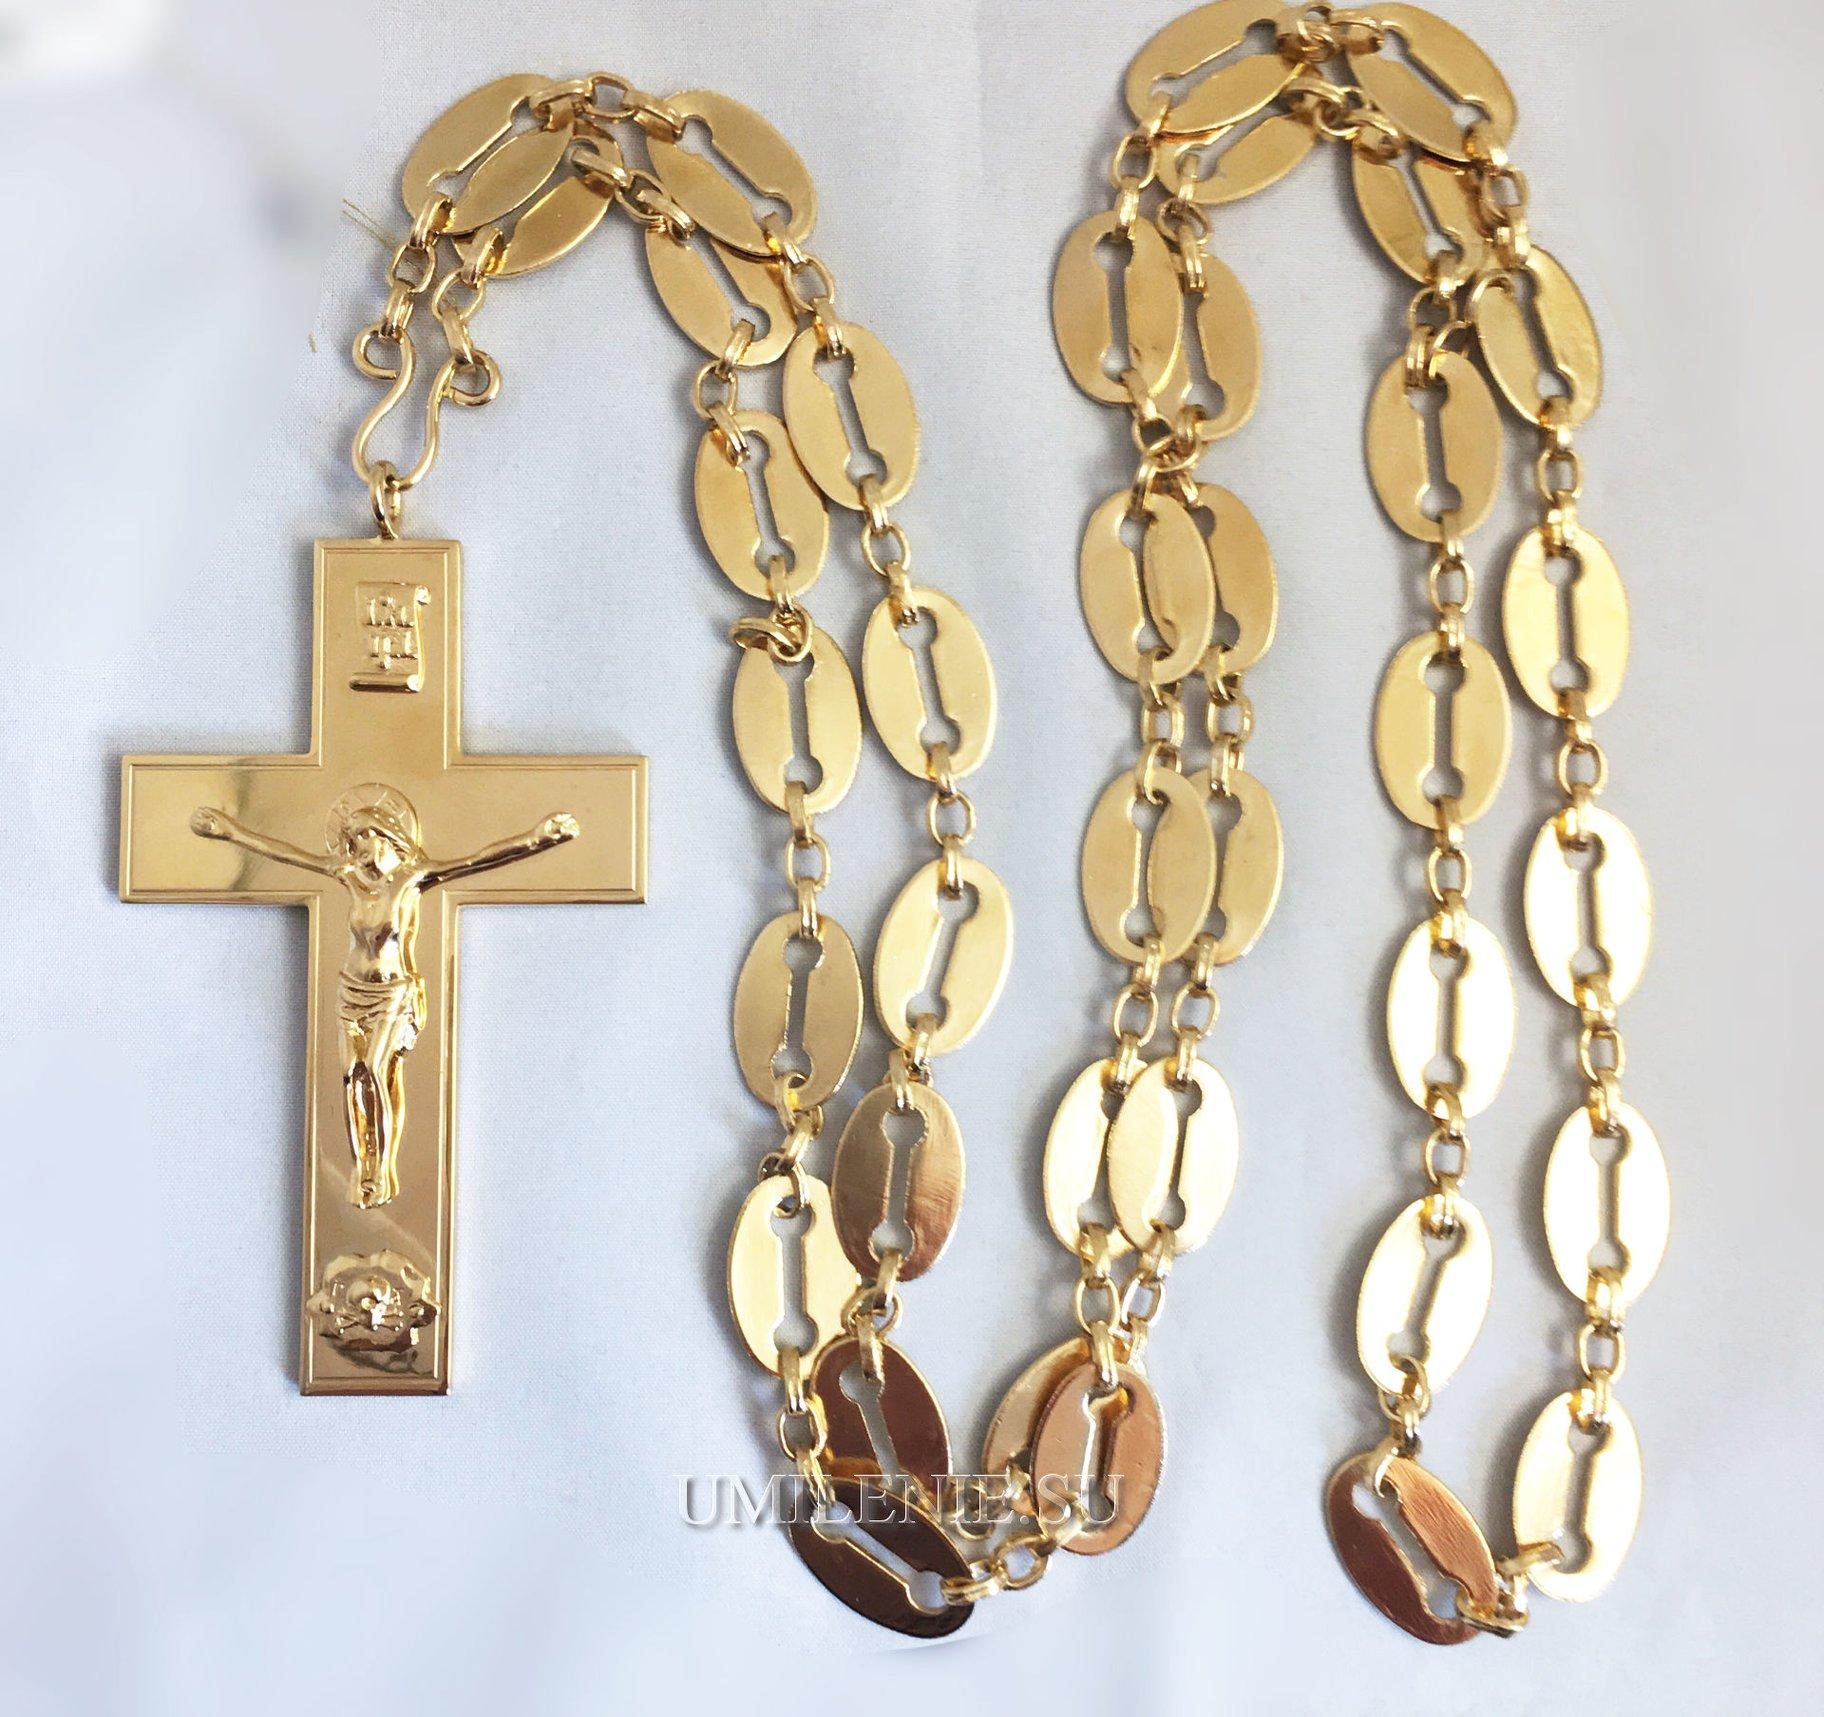 крест протоиерейский с цепью для священника